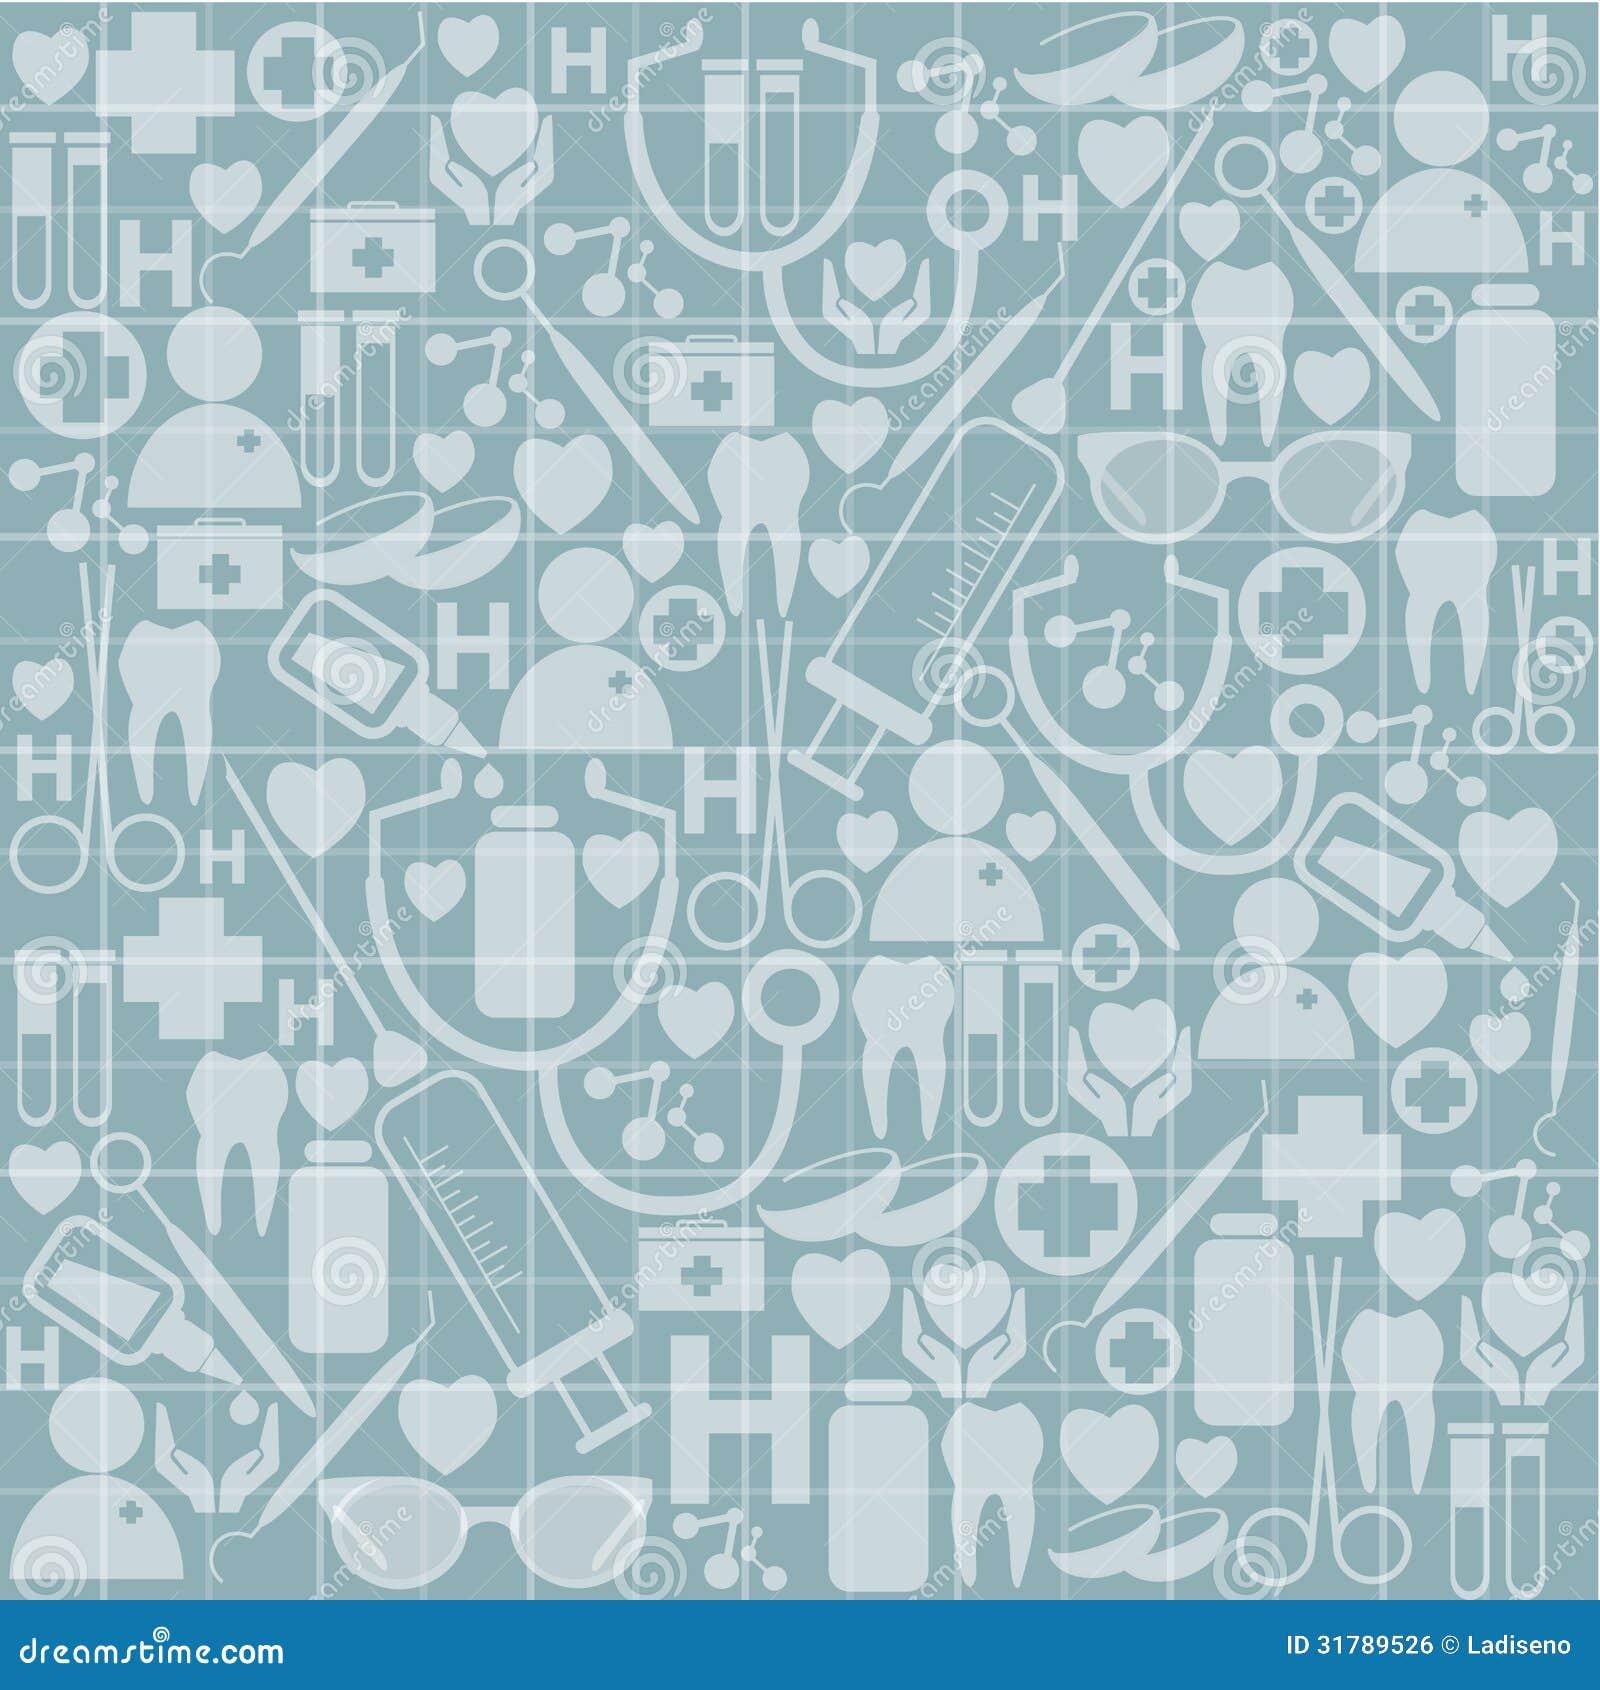 Medical Background Royalty Free Stock Image - Image: 31789526